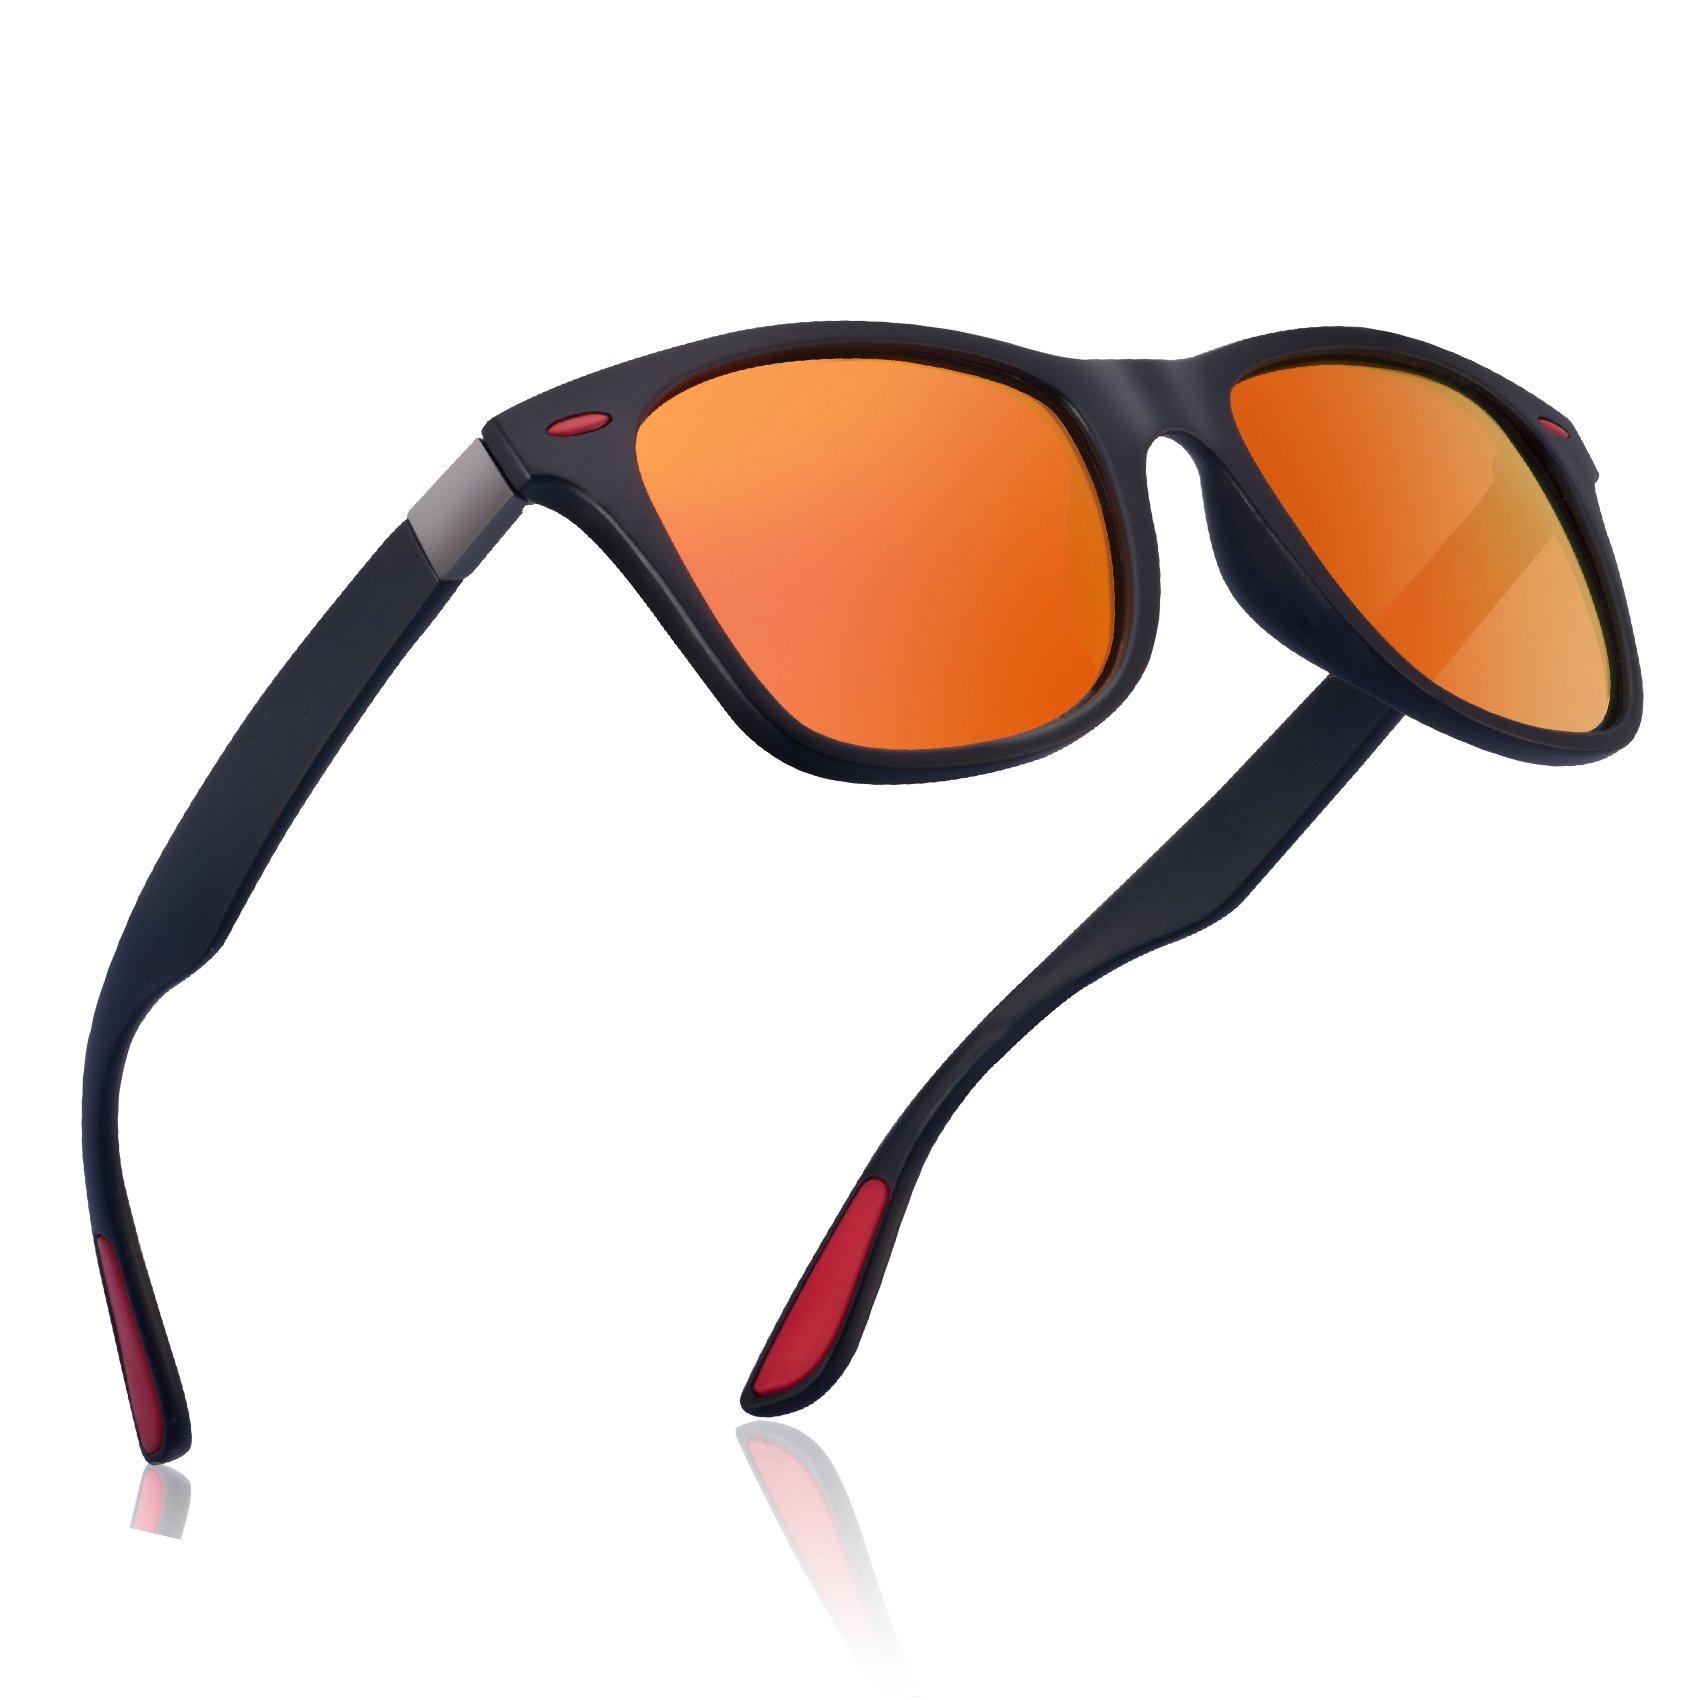 wearpro Wayfarer Sunglasses for Men Vintage Polarized Sun Glasses WP1050 (Orange/Red, 2.13) by wearpro